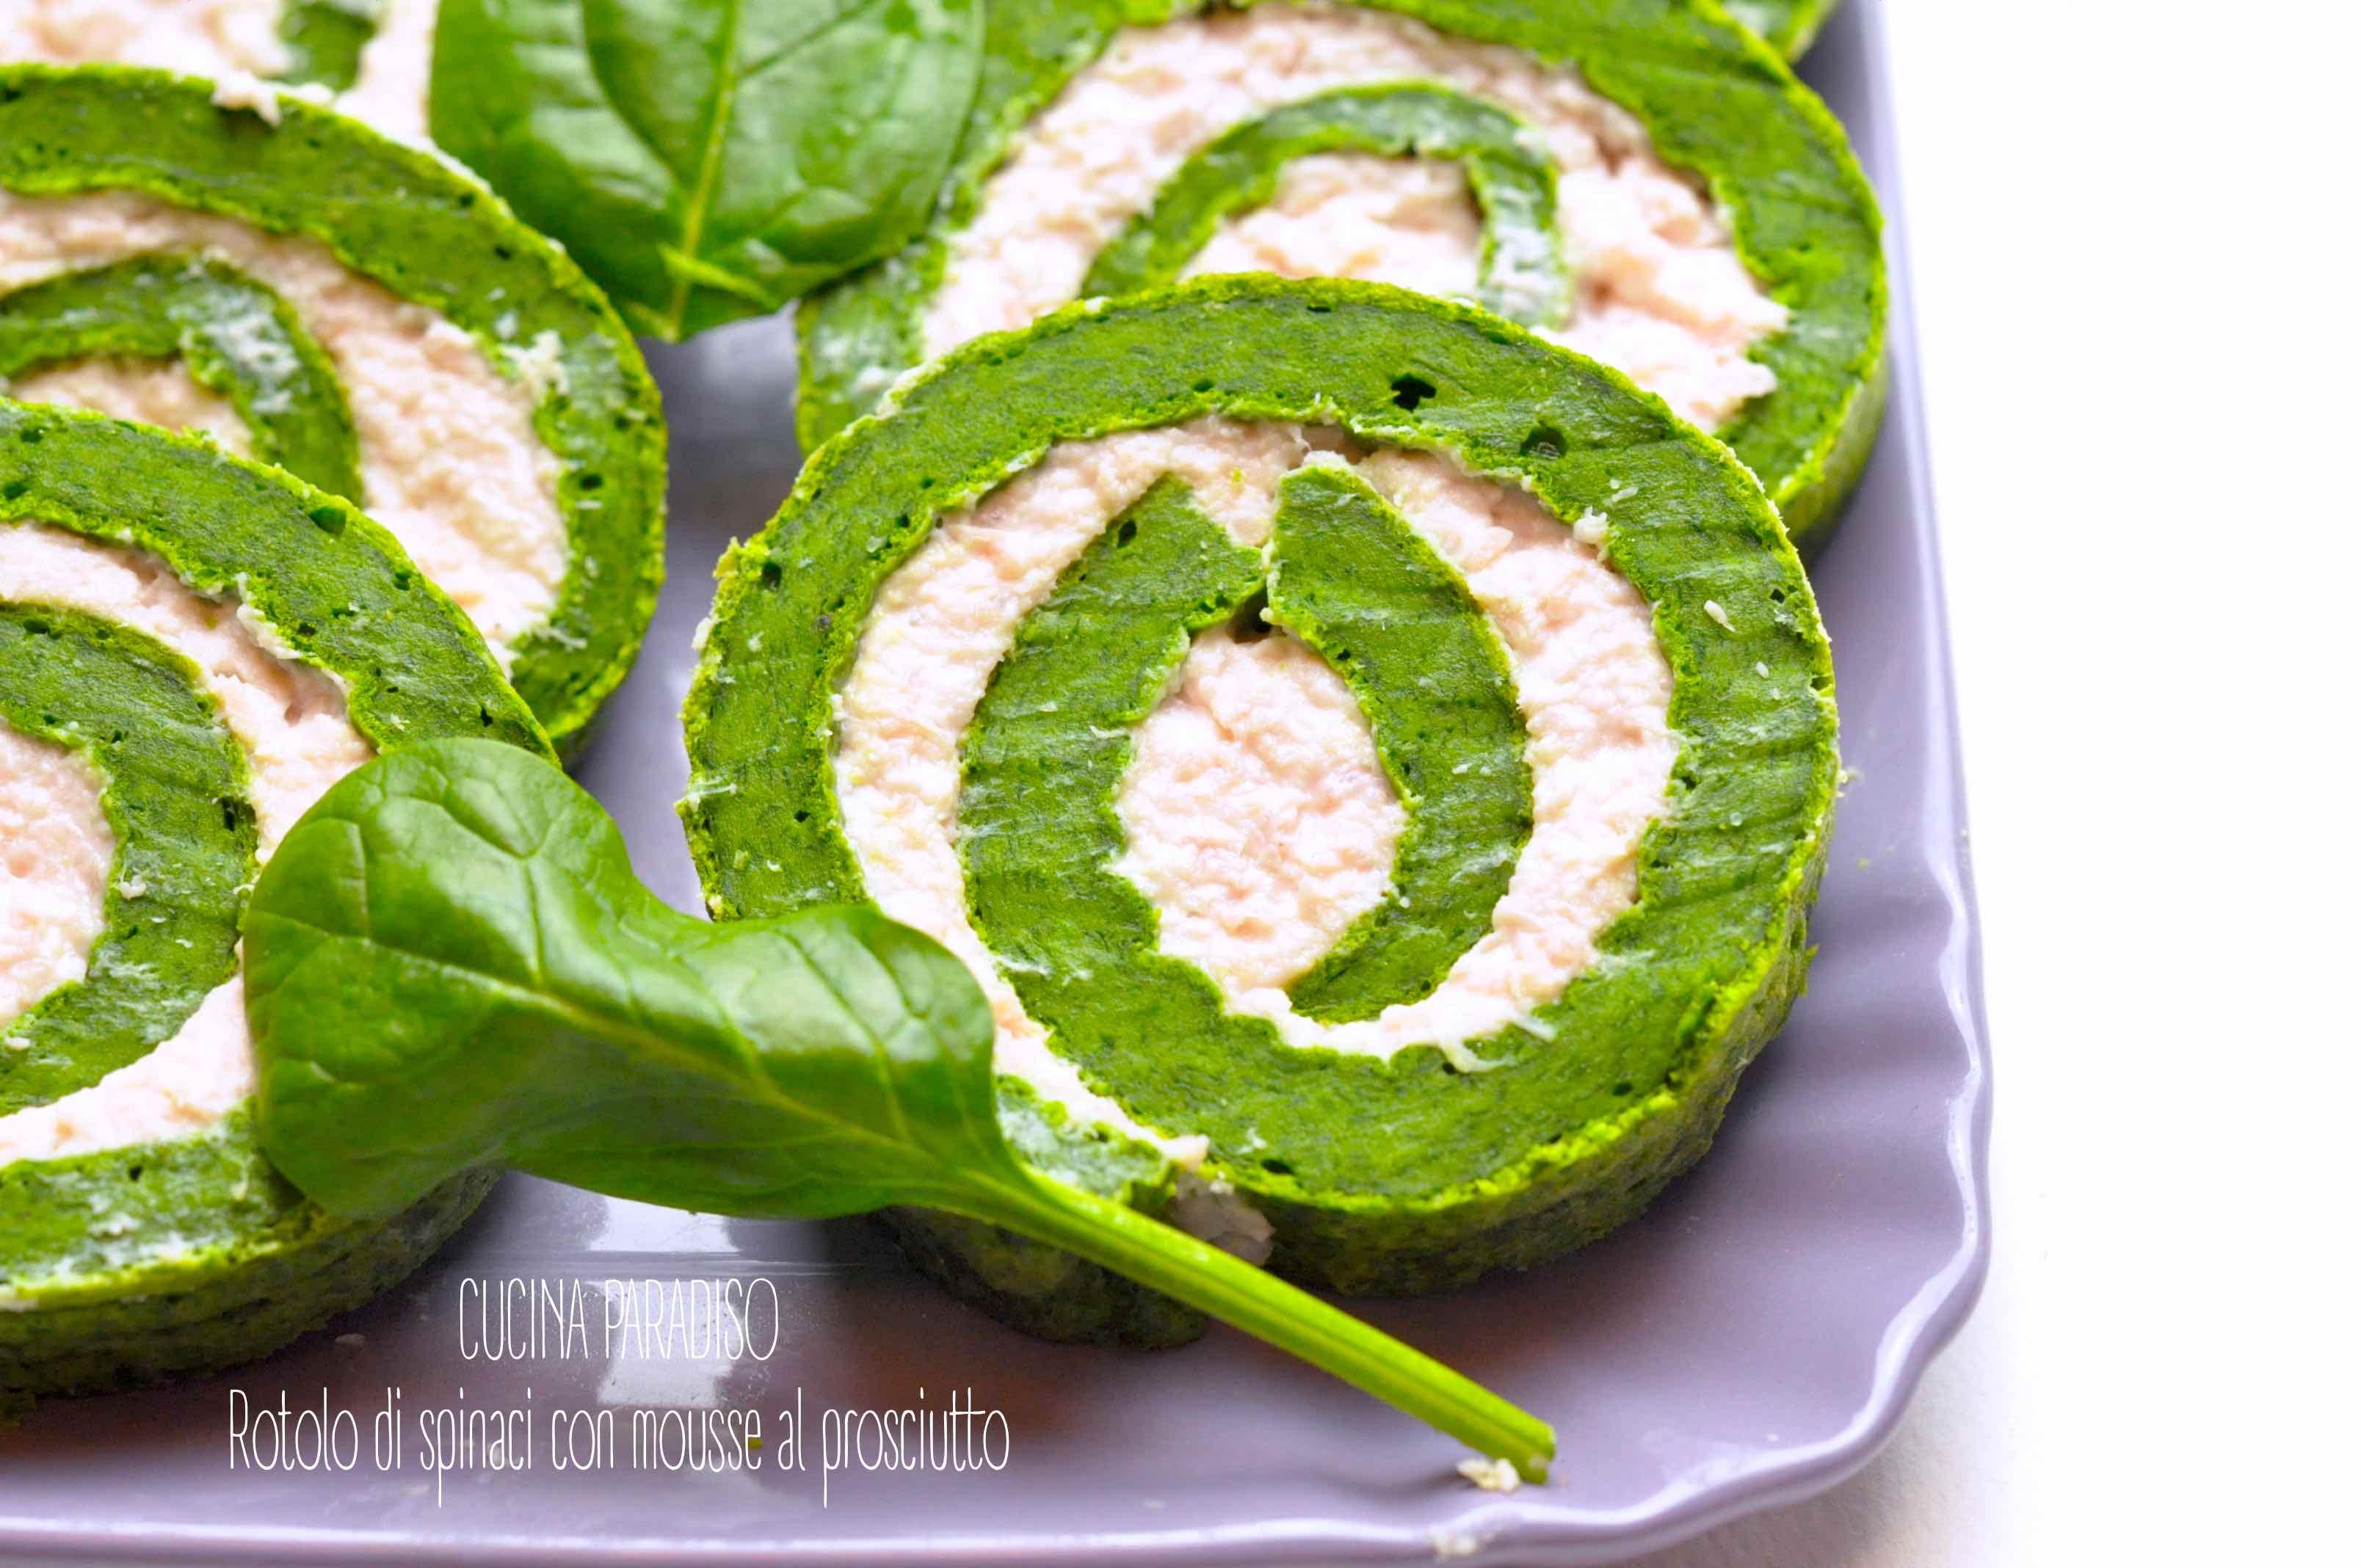 Rotolo di spinaci con mousse al prosciutto3